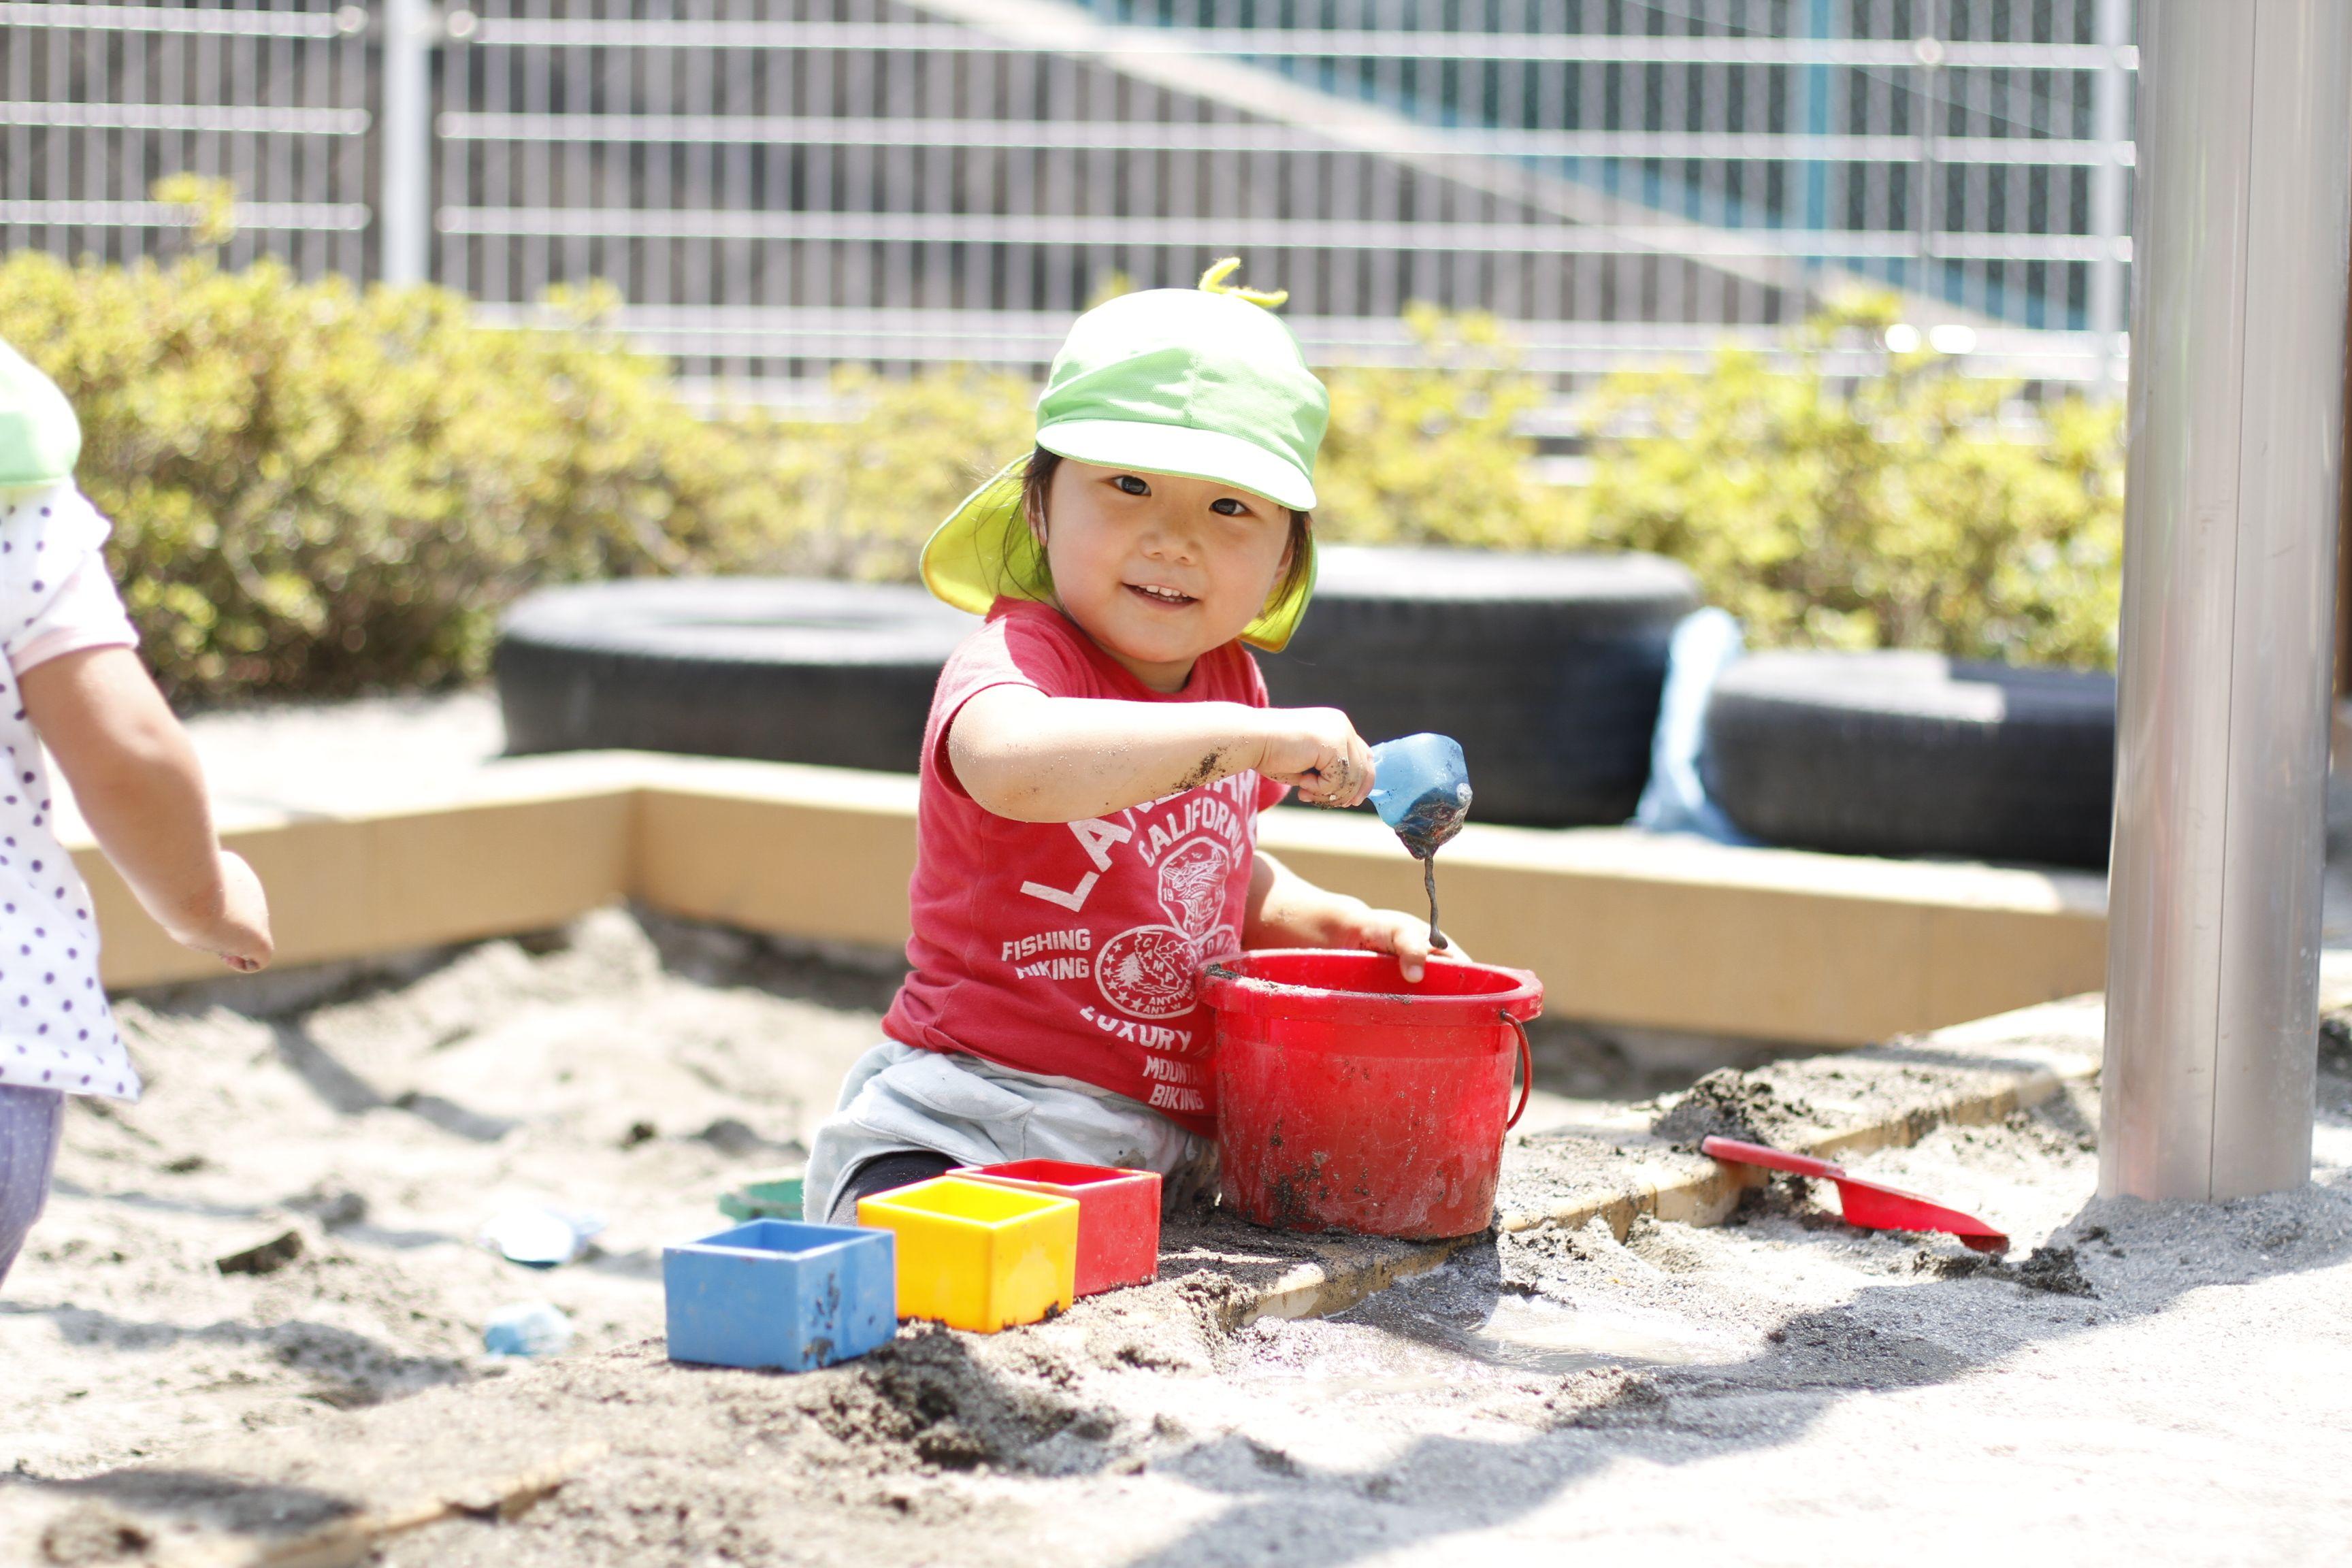 【藤沢駅より徒歩5分】通勤便利な保育園♪子どもたちの笑顔に囲まれながら働きませんか★